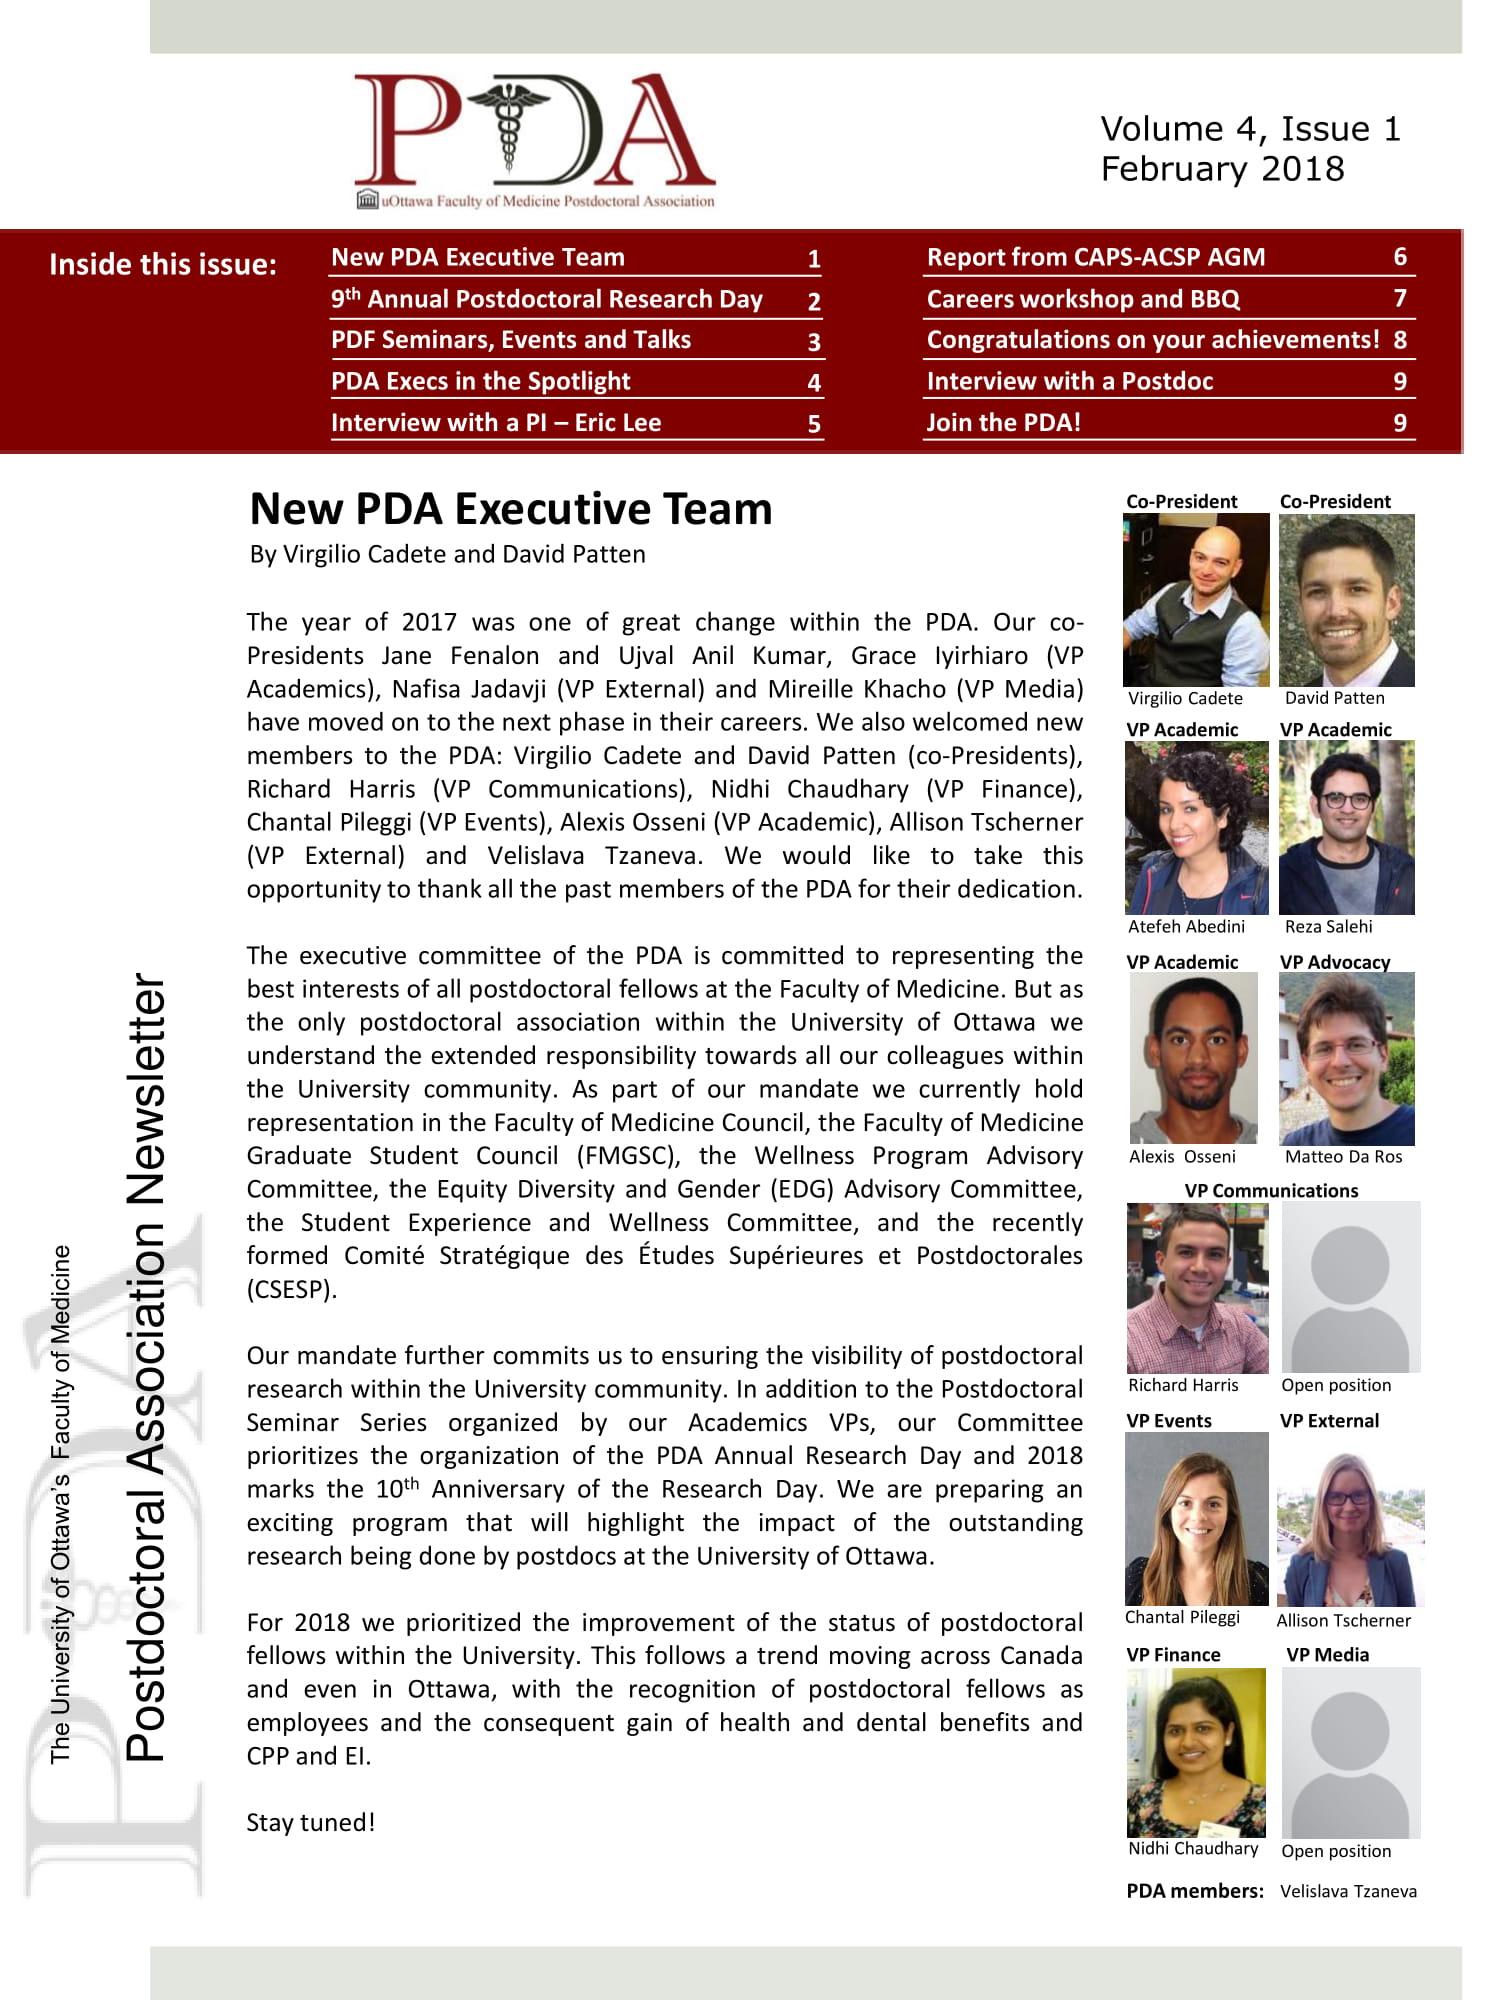 PDA_Newsletter_Volume_4_Issue_1-1.jpg